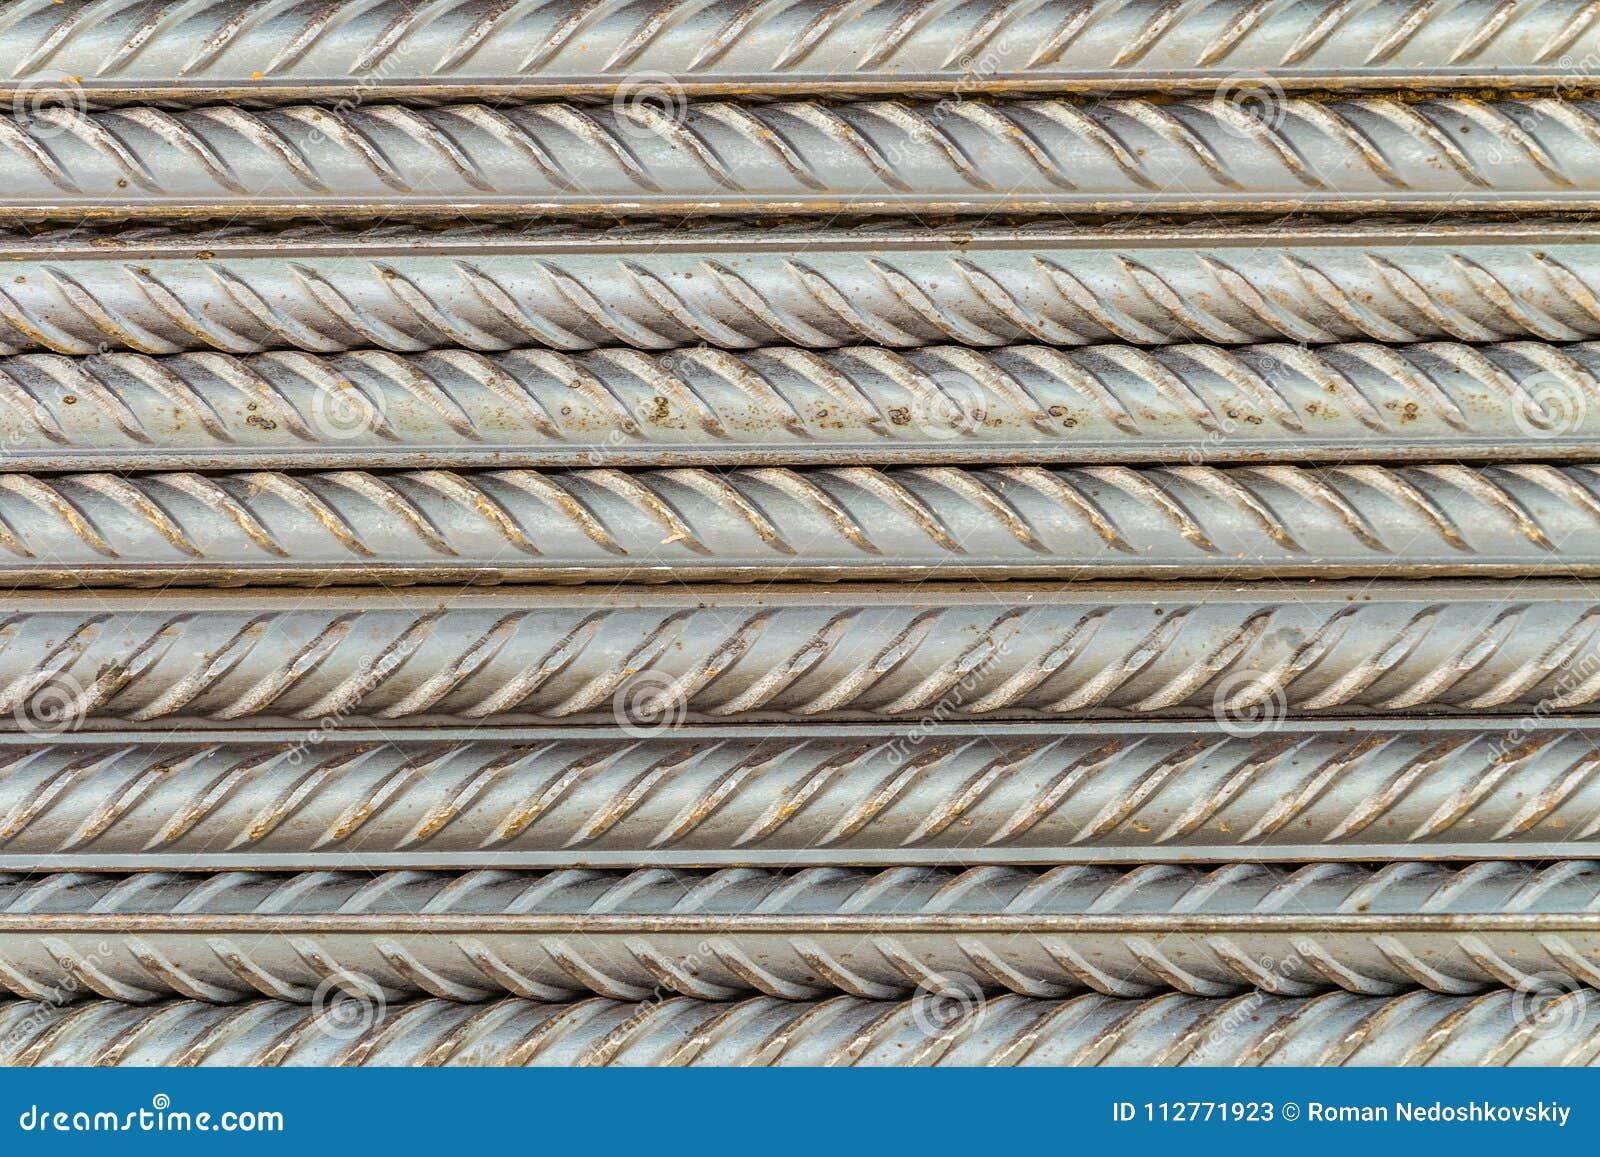 Hastes de aço das barras de reforço com perfil periódico